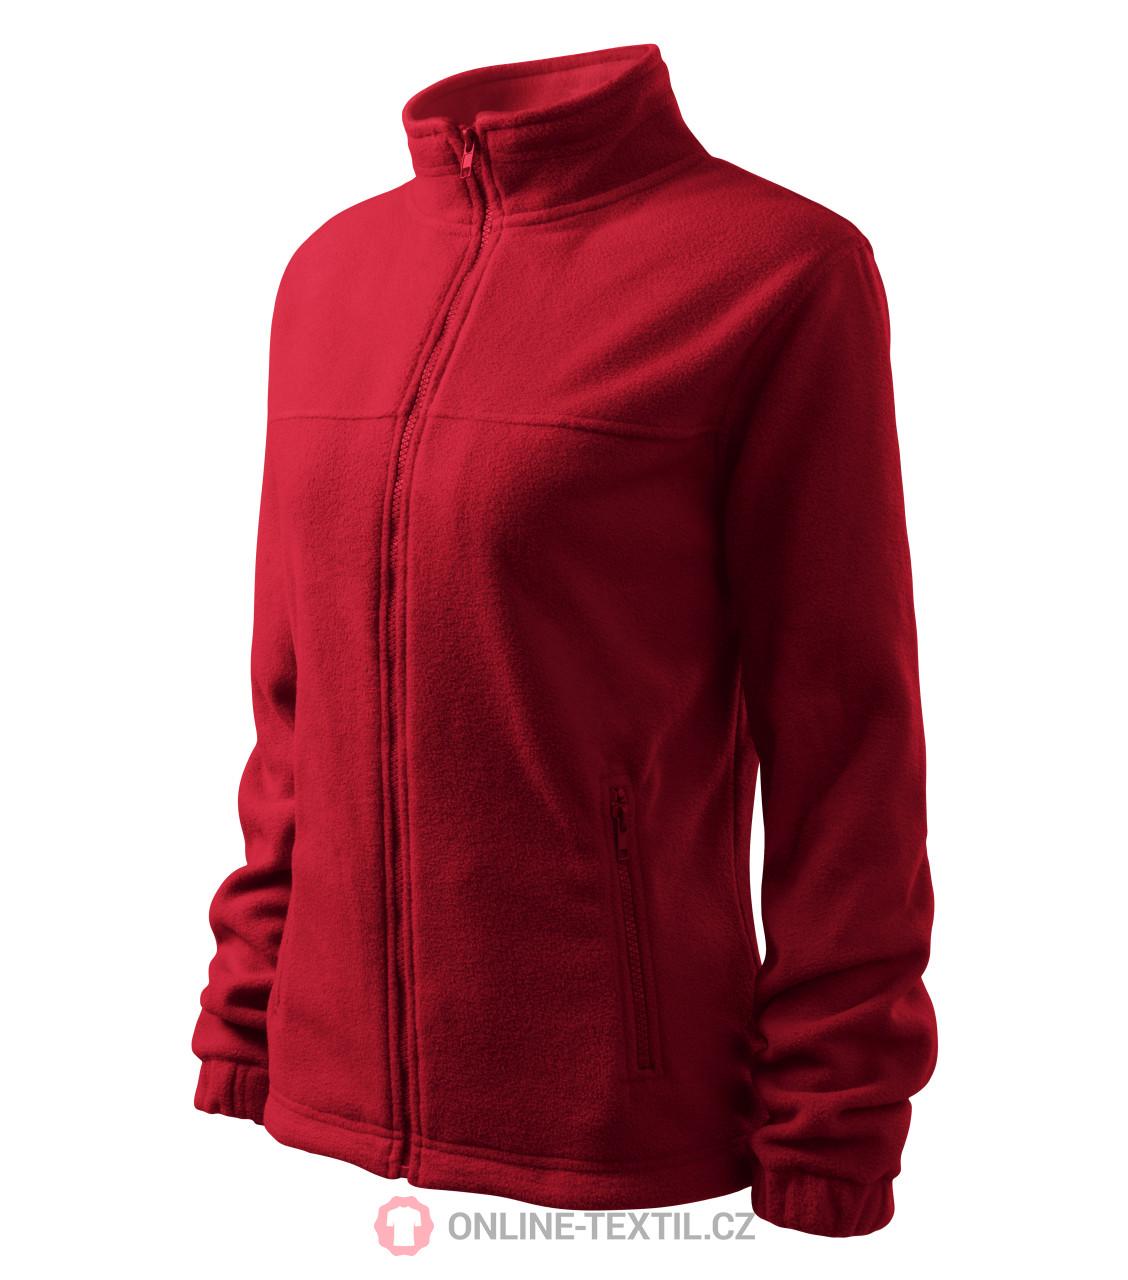 467de0757241 ADLER CZECH Dámská fleece bunda mikina Fleece Jacket 504 - marlboro ...